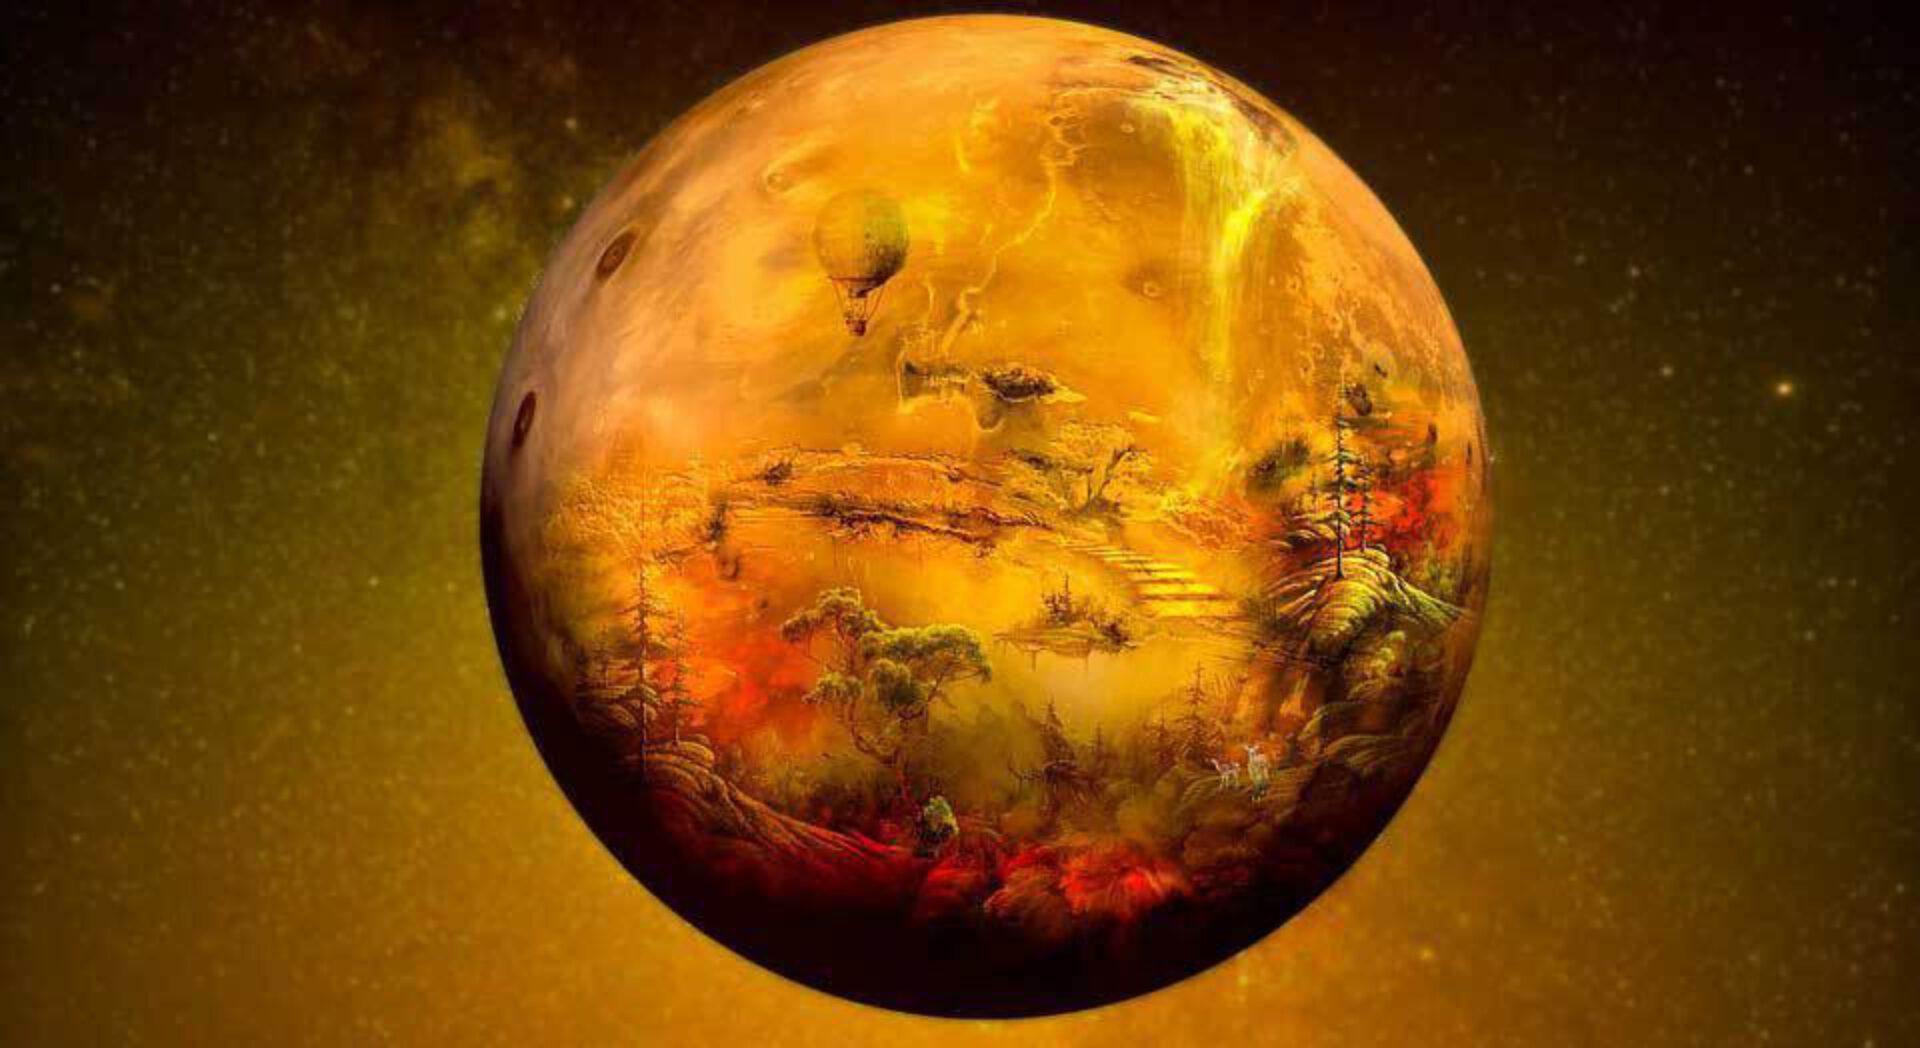 Venus Retrograde vanaf 13 mei 2020 in Tweelingen: tips en effect op elk sterrenbeeld